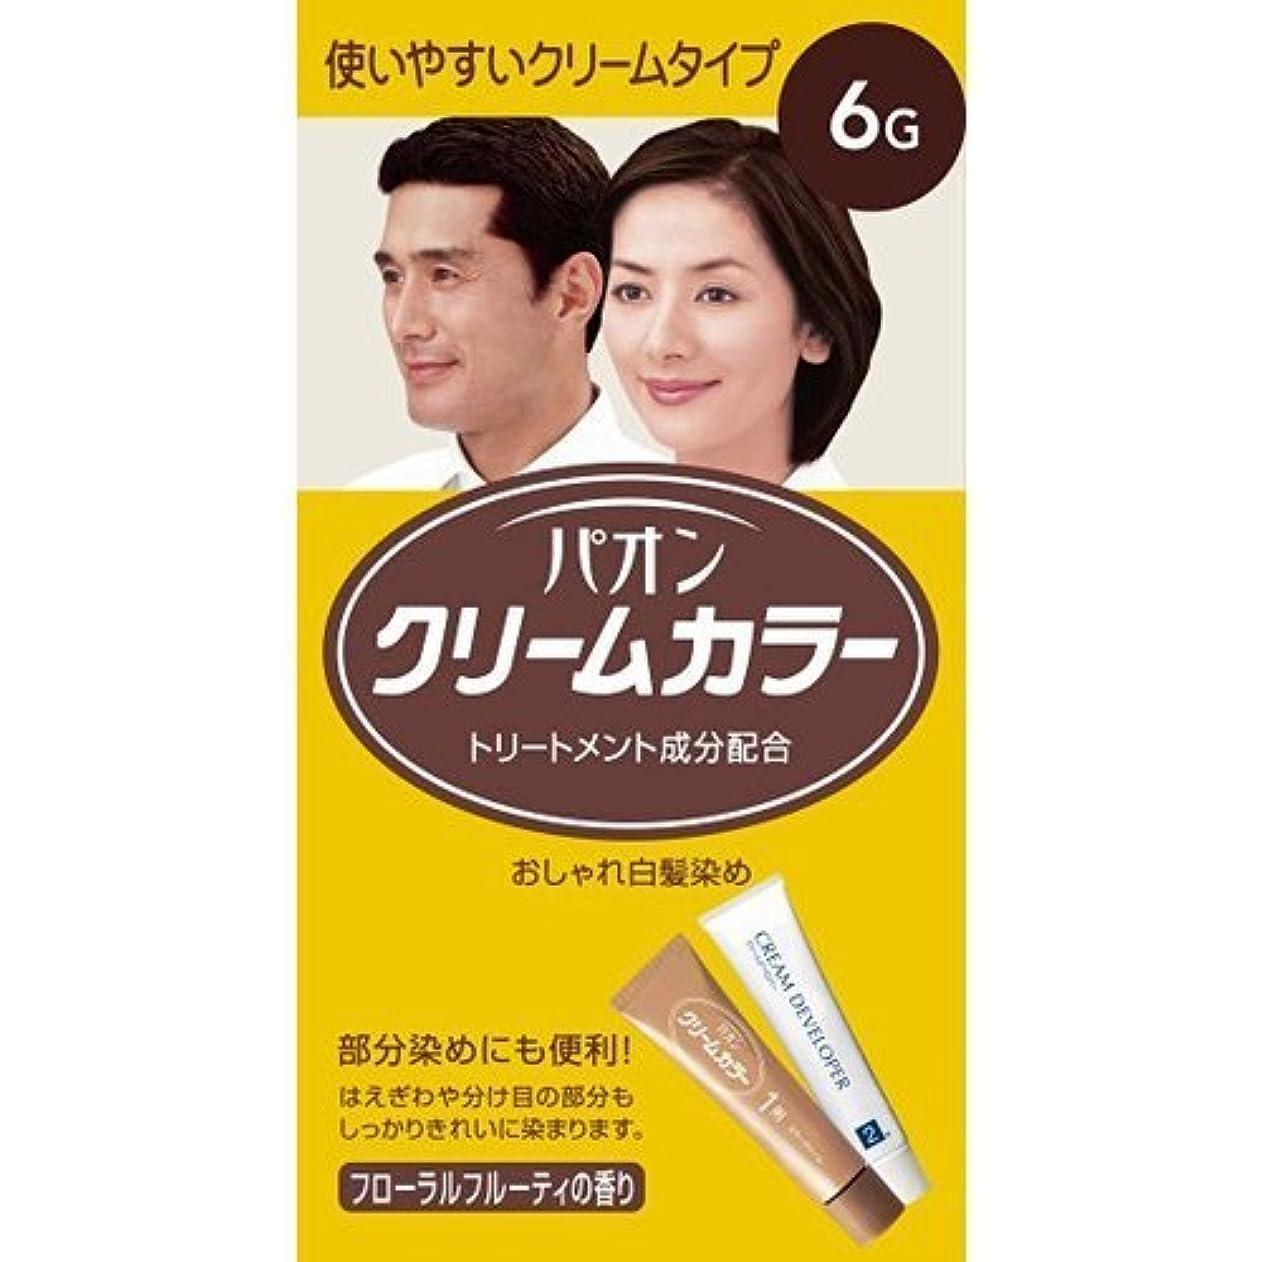 受粉する忌避剤暖かさ【シュワルツコフ ヘンケル】パオンクリームカラー6-G自然な褐色40g+40g